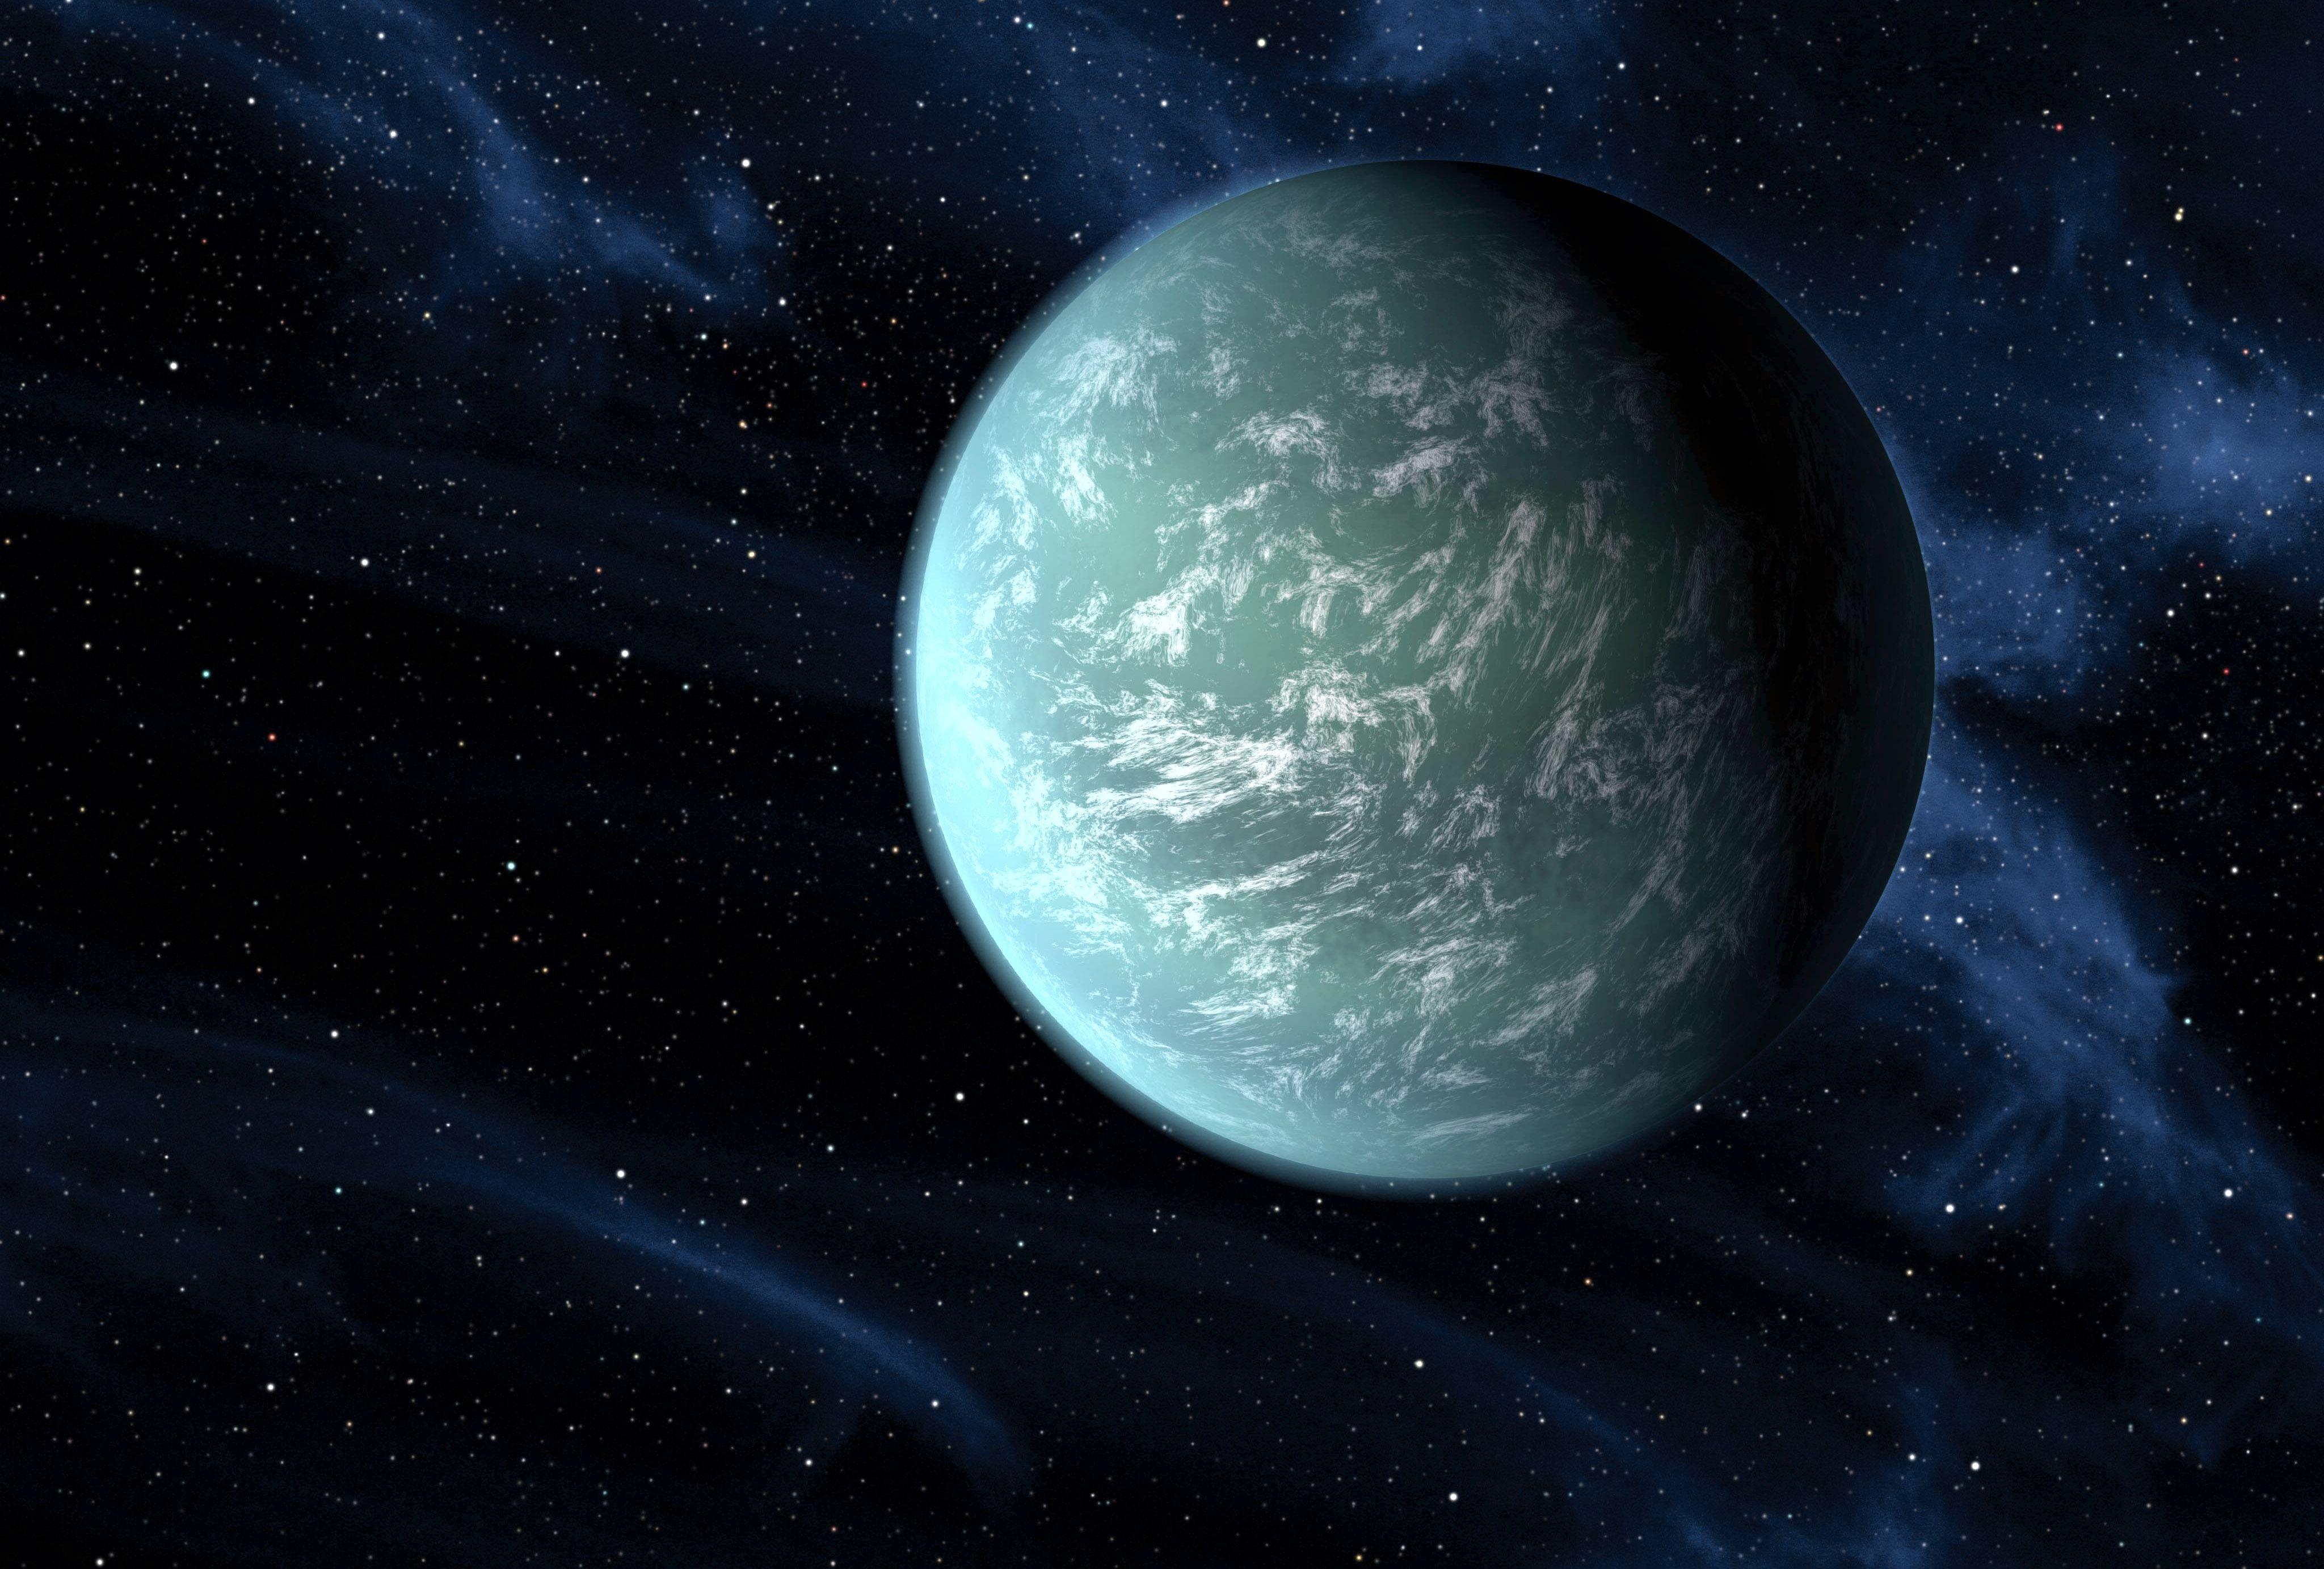 Астрономы из Гарварда предсказали океаны на крупных экзопланетах.Вокруг Света. Украина